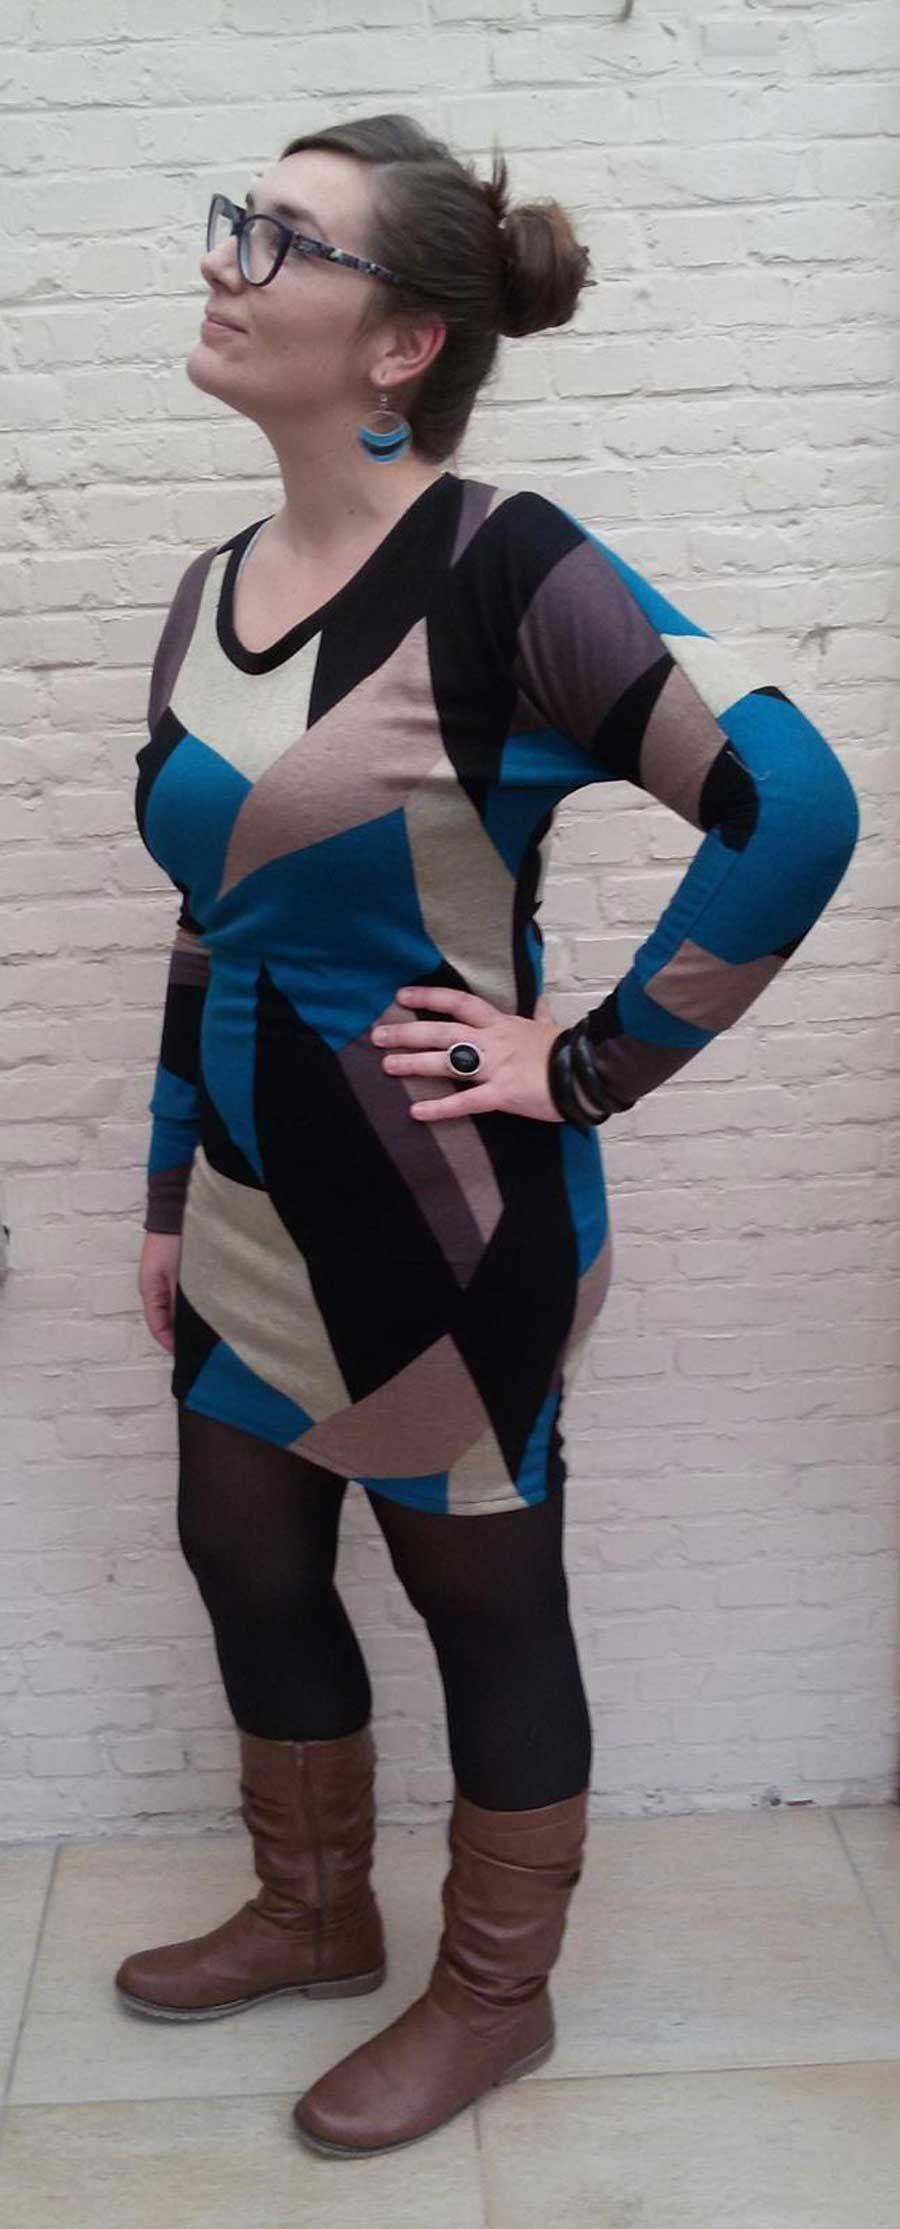 Selfish Sewing part 2: Het Julia kleedje, Hallo! ik beloof het, dit is echt de laatste inzending! Ik moet dringend beginnen aan de winterjasjes maar ik heb mezelf toch nog even op de eerste ...  #contest2015 #Juliasweater #patternhack